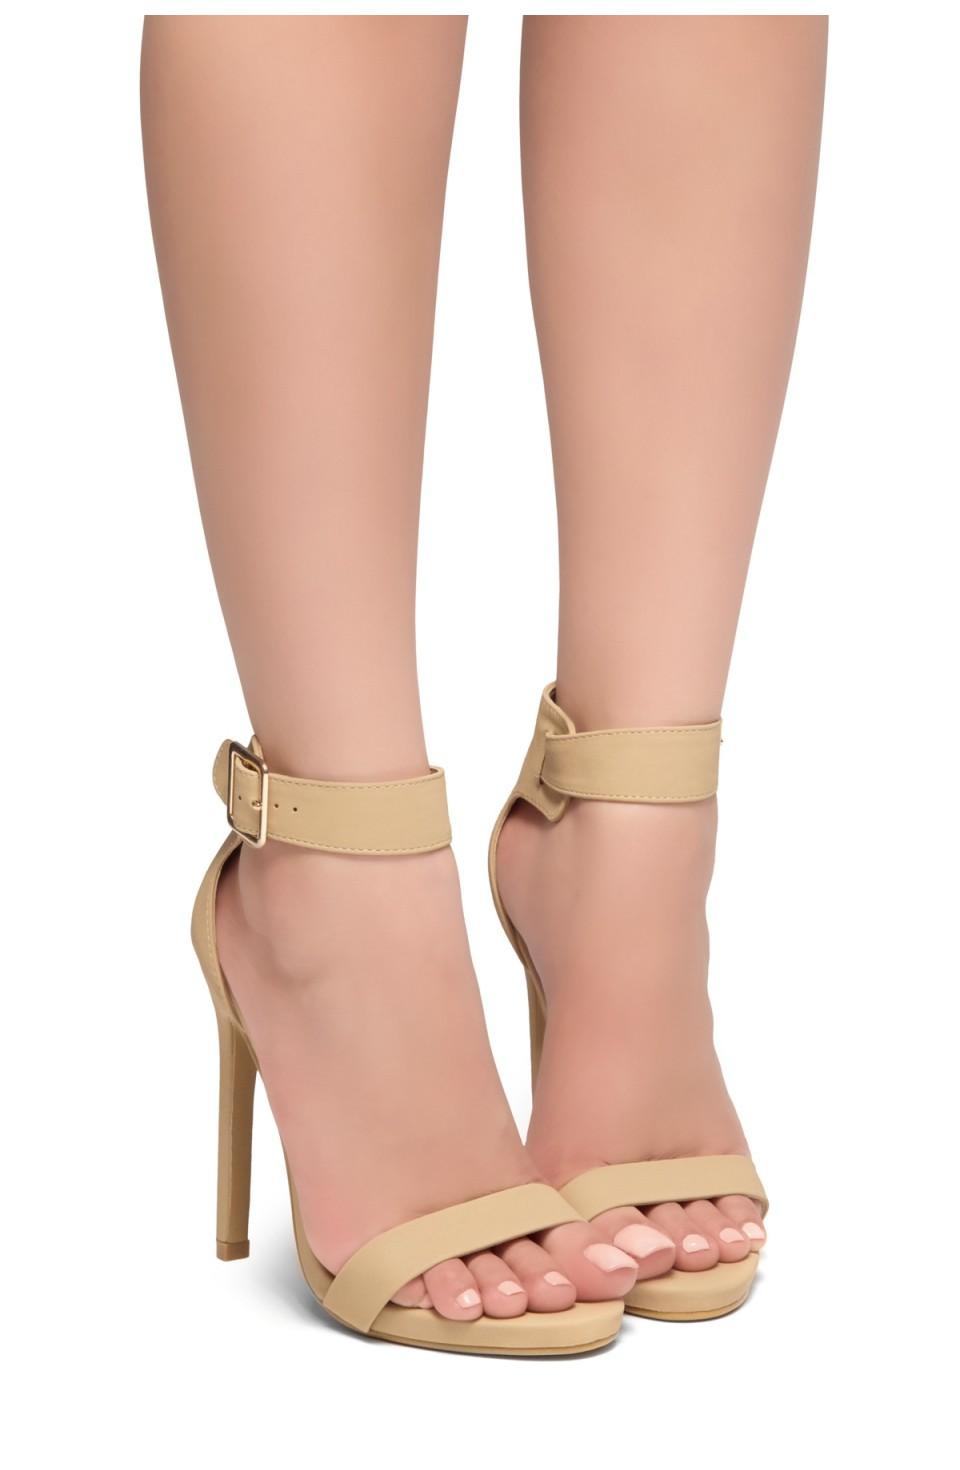 HerStyle Zoanna-Stiletto heel, Strap around the toe, Platform (Nude)